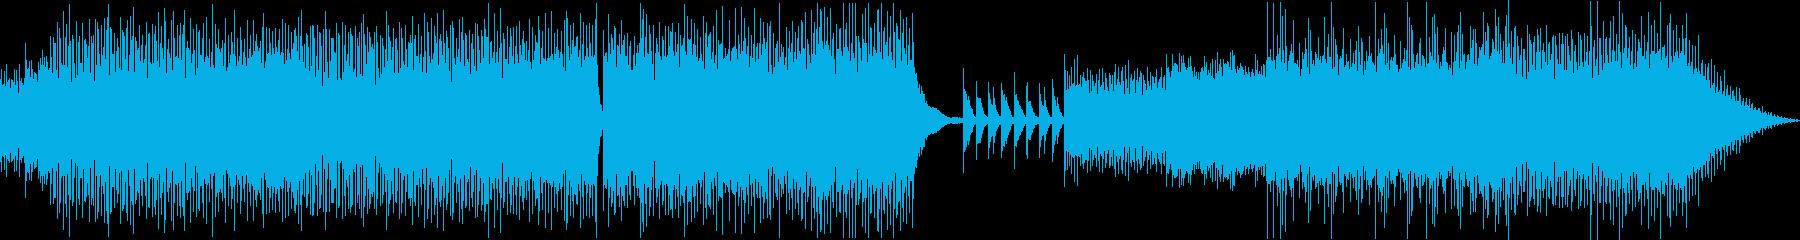 駆け抜ける疾走感バイオリン/ゲーム戦闘曲の再生済みの波形